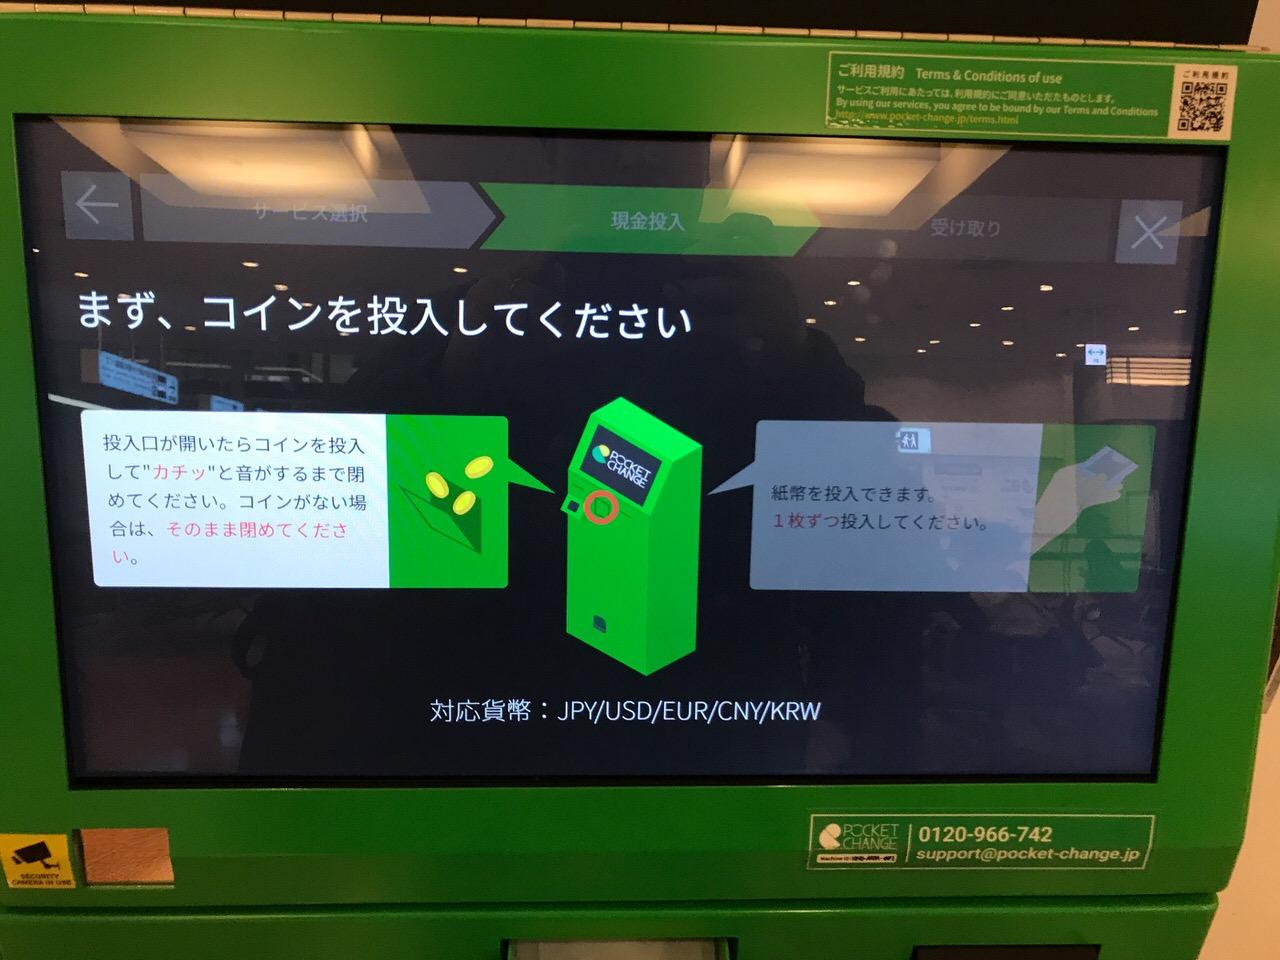 Pocket change 9410